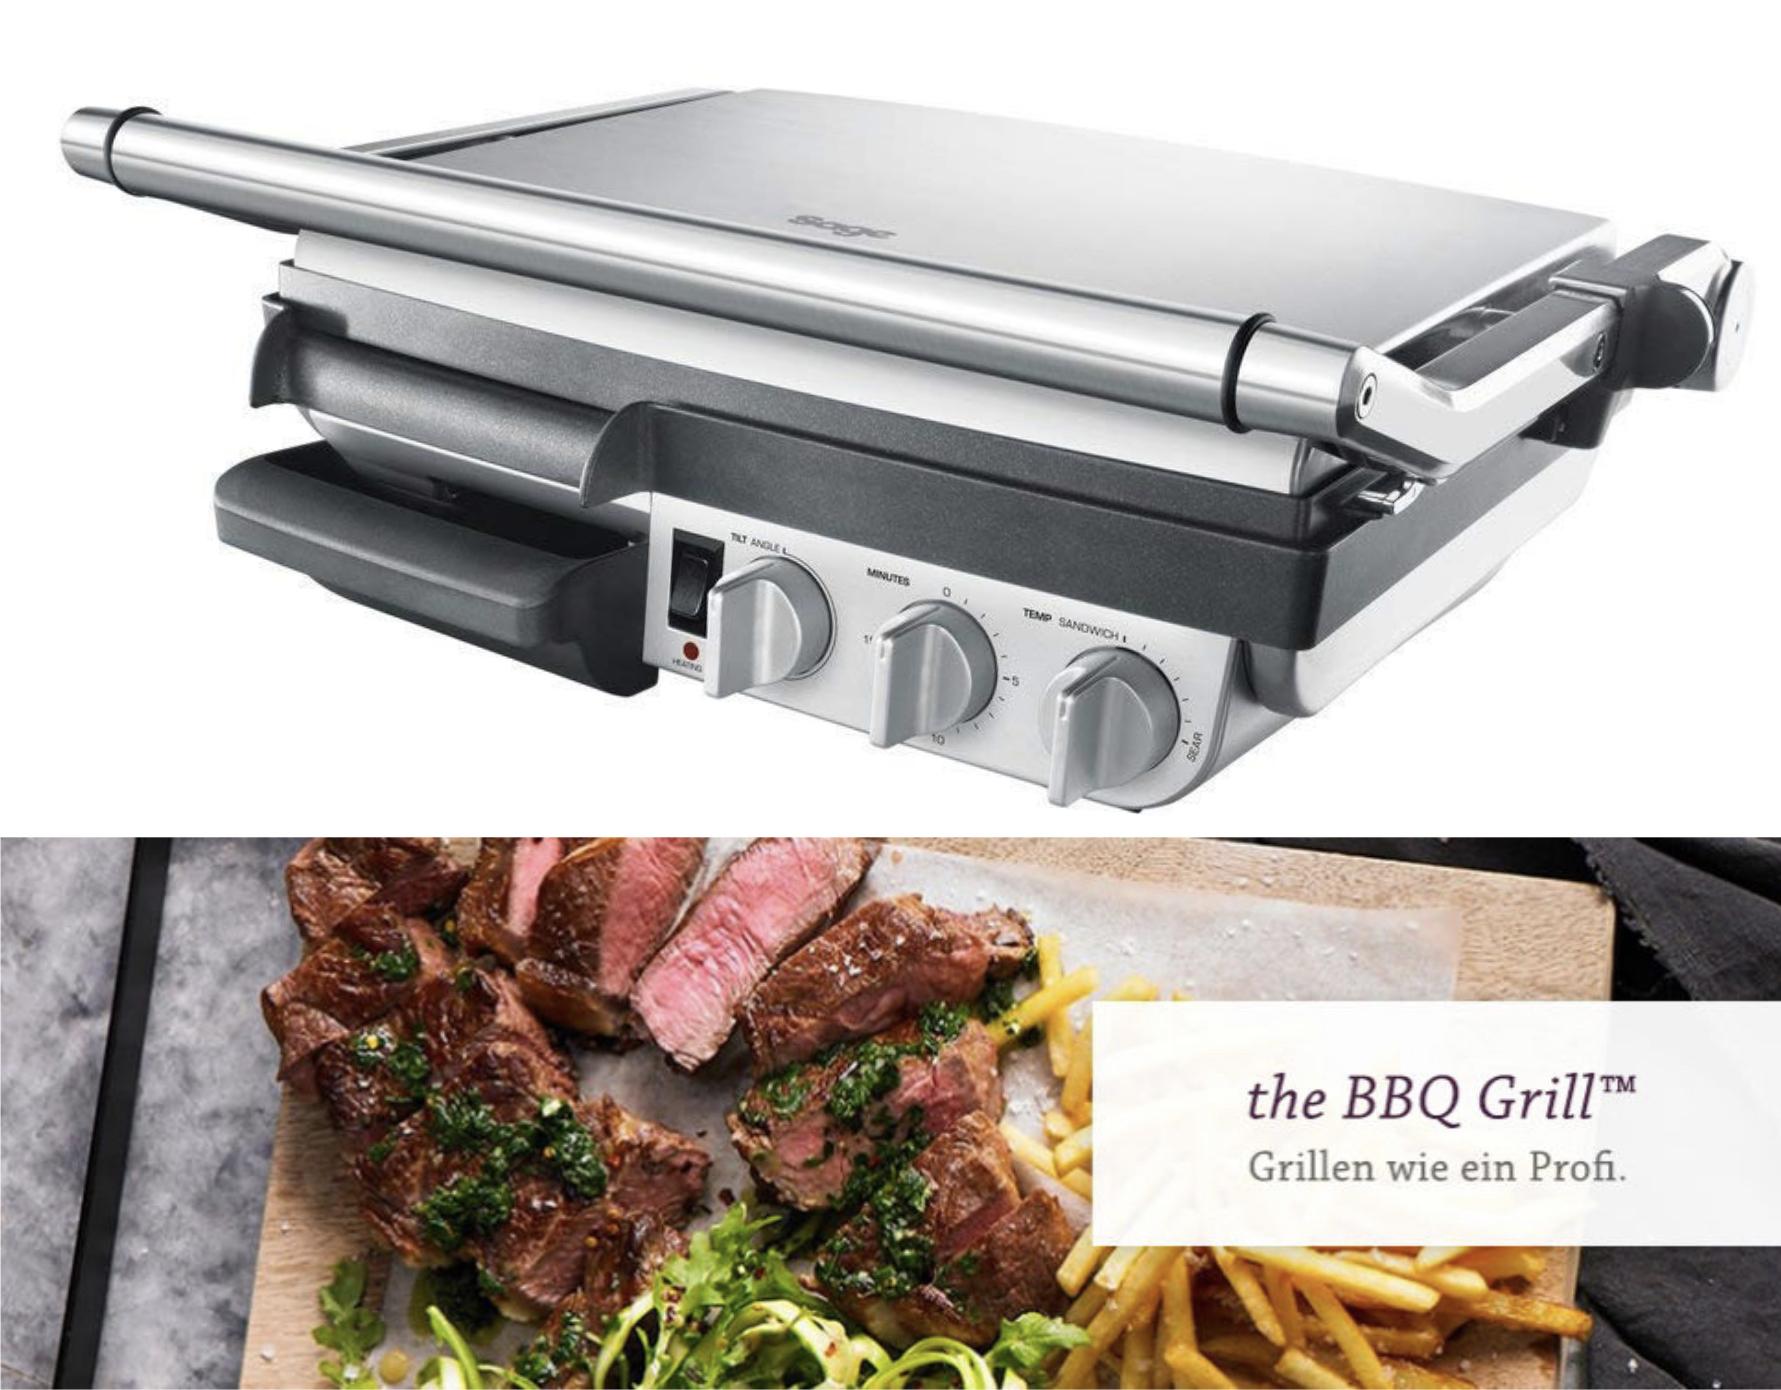 Sage The BBQ SGR800 Grill Kontaktgrill 2400 W für 139,99€ inkl. Versandkosten